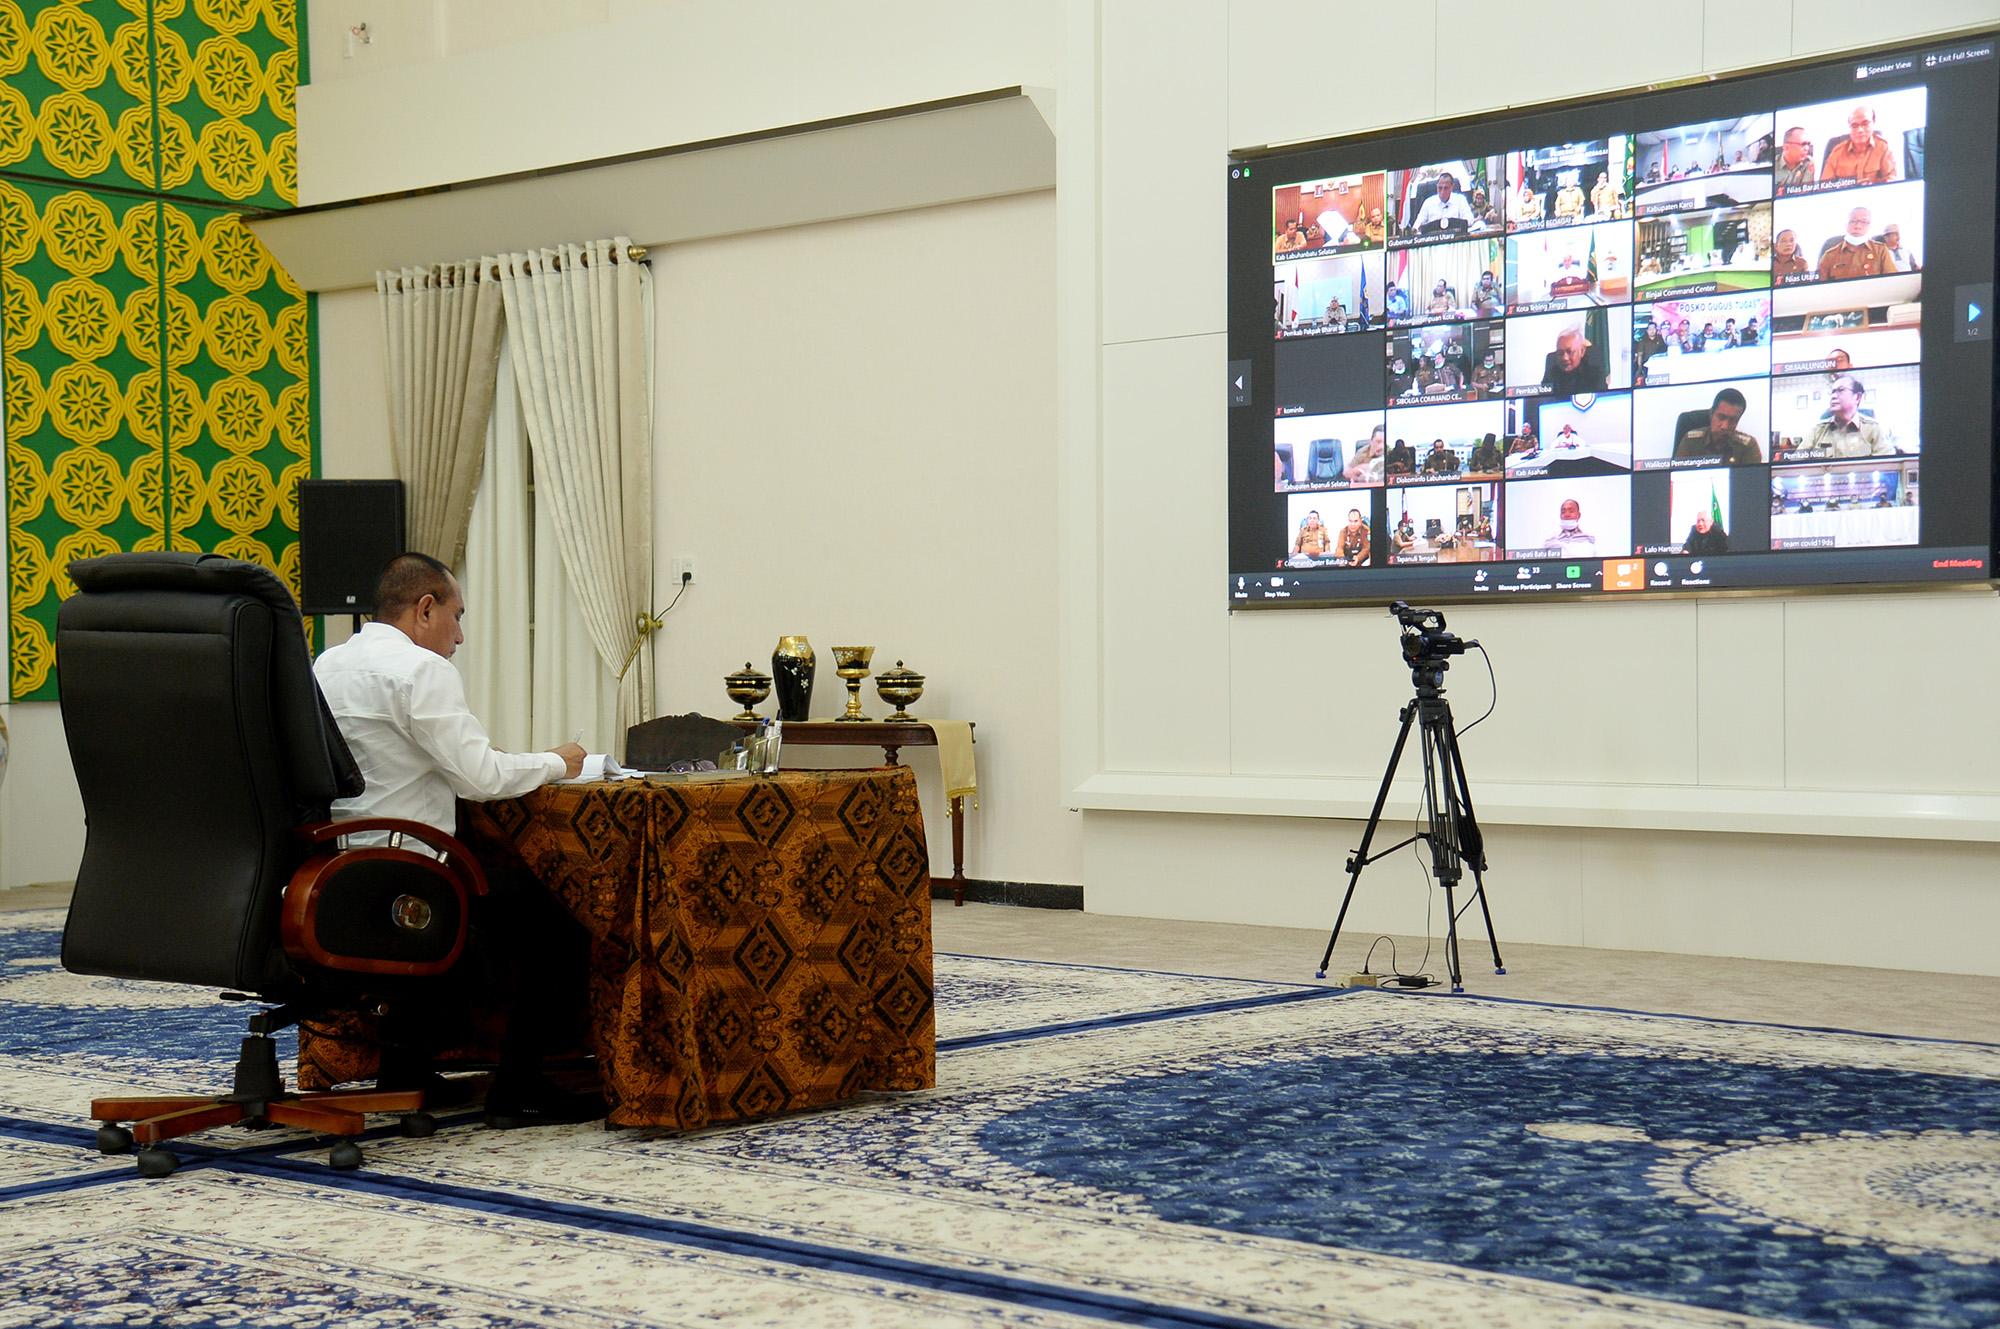 Gubernur Sumut, Edy Rahmayadi saat memimpin teleconfrence dengan kepala daerah se Sumut. Foto: Istimewa